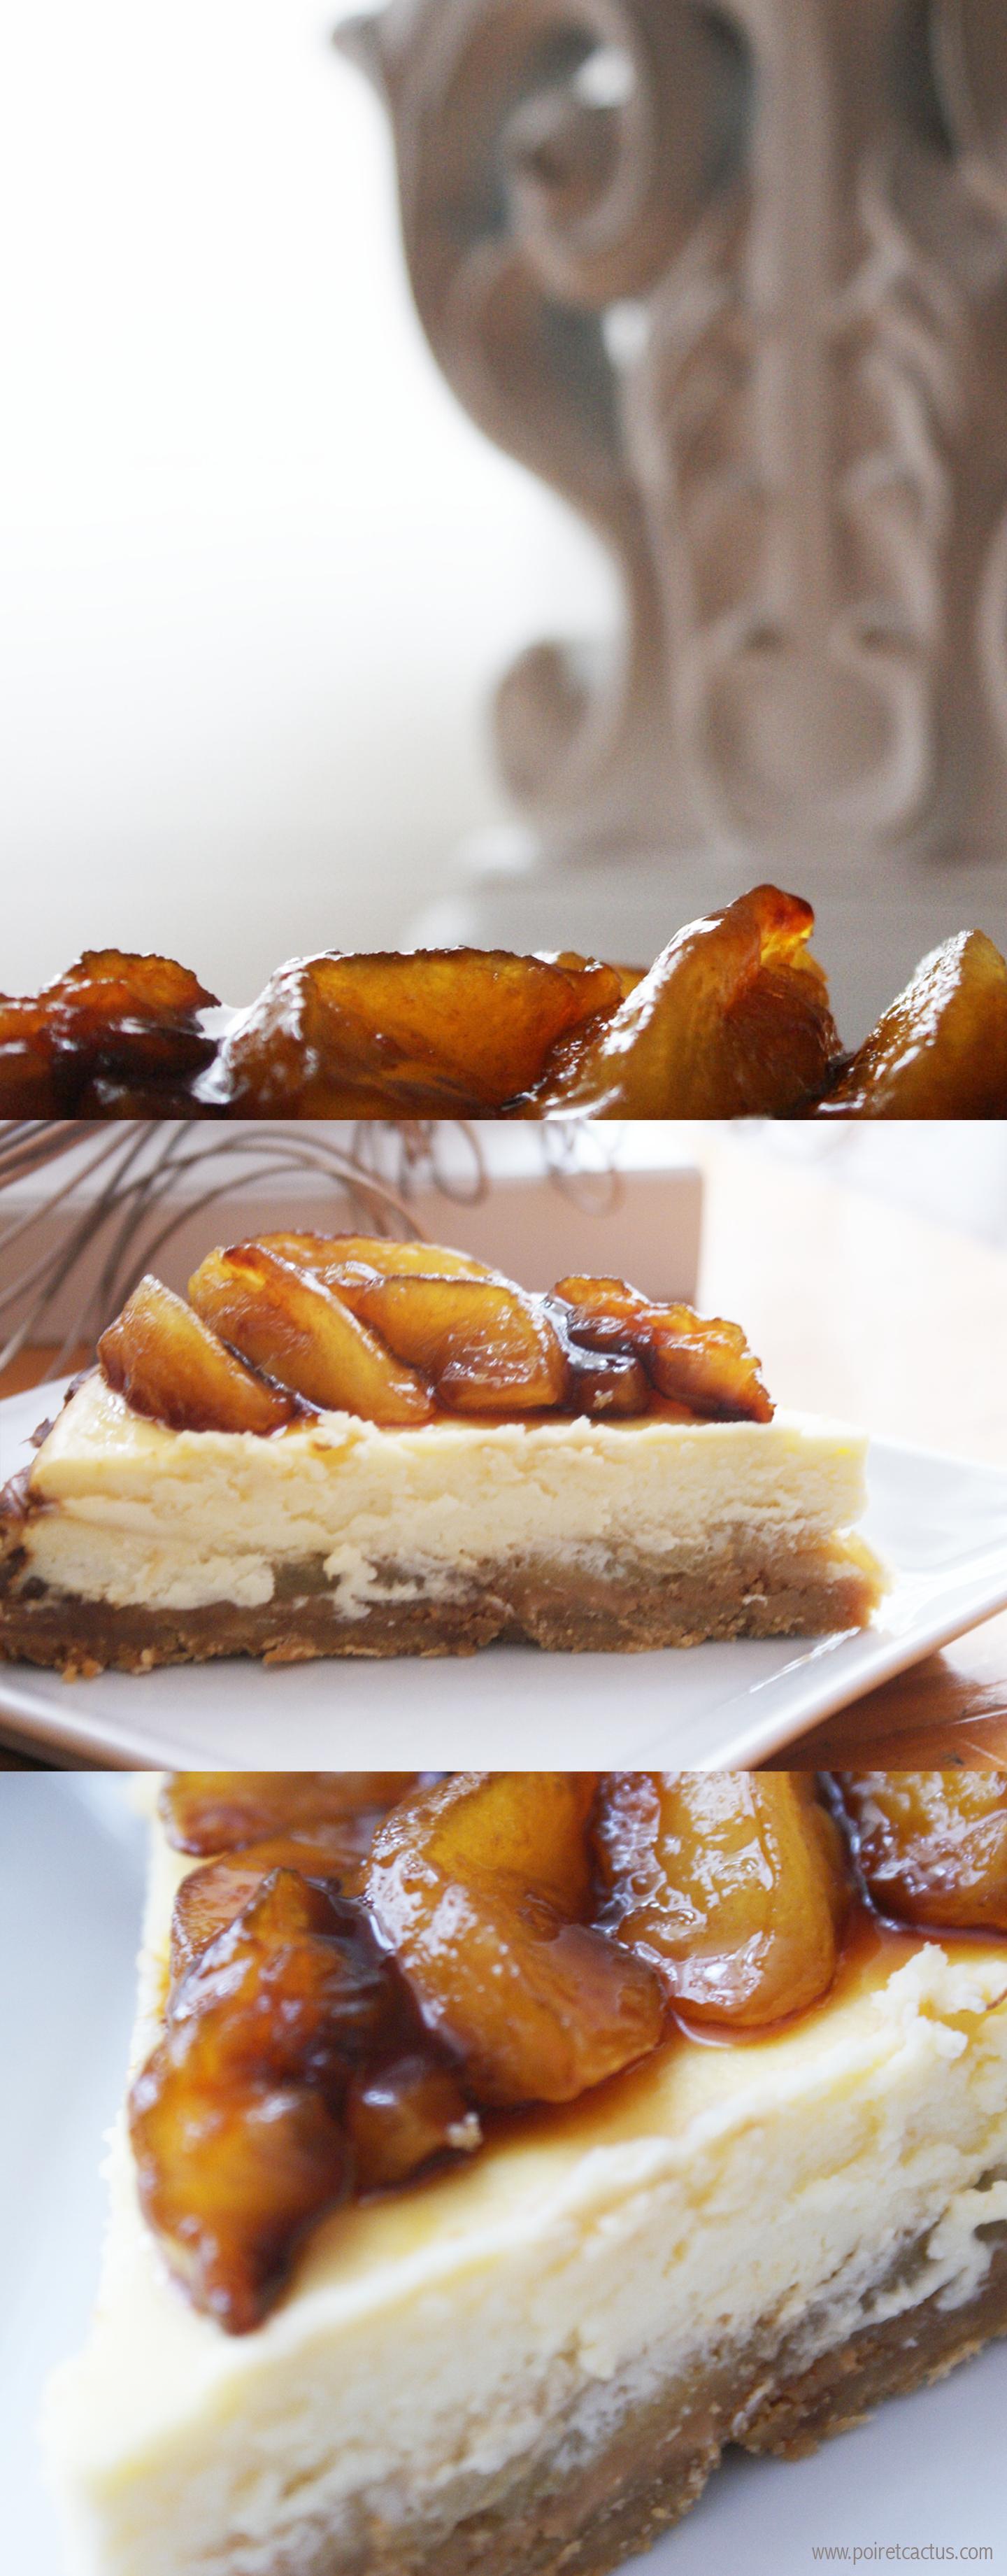 recette_dessert_sheesecake_pommes_caramelisees